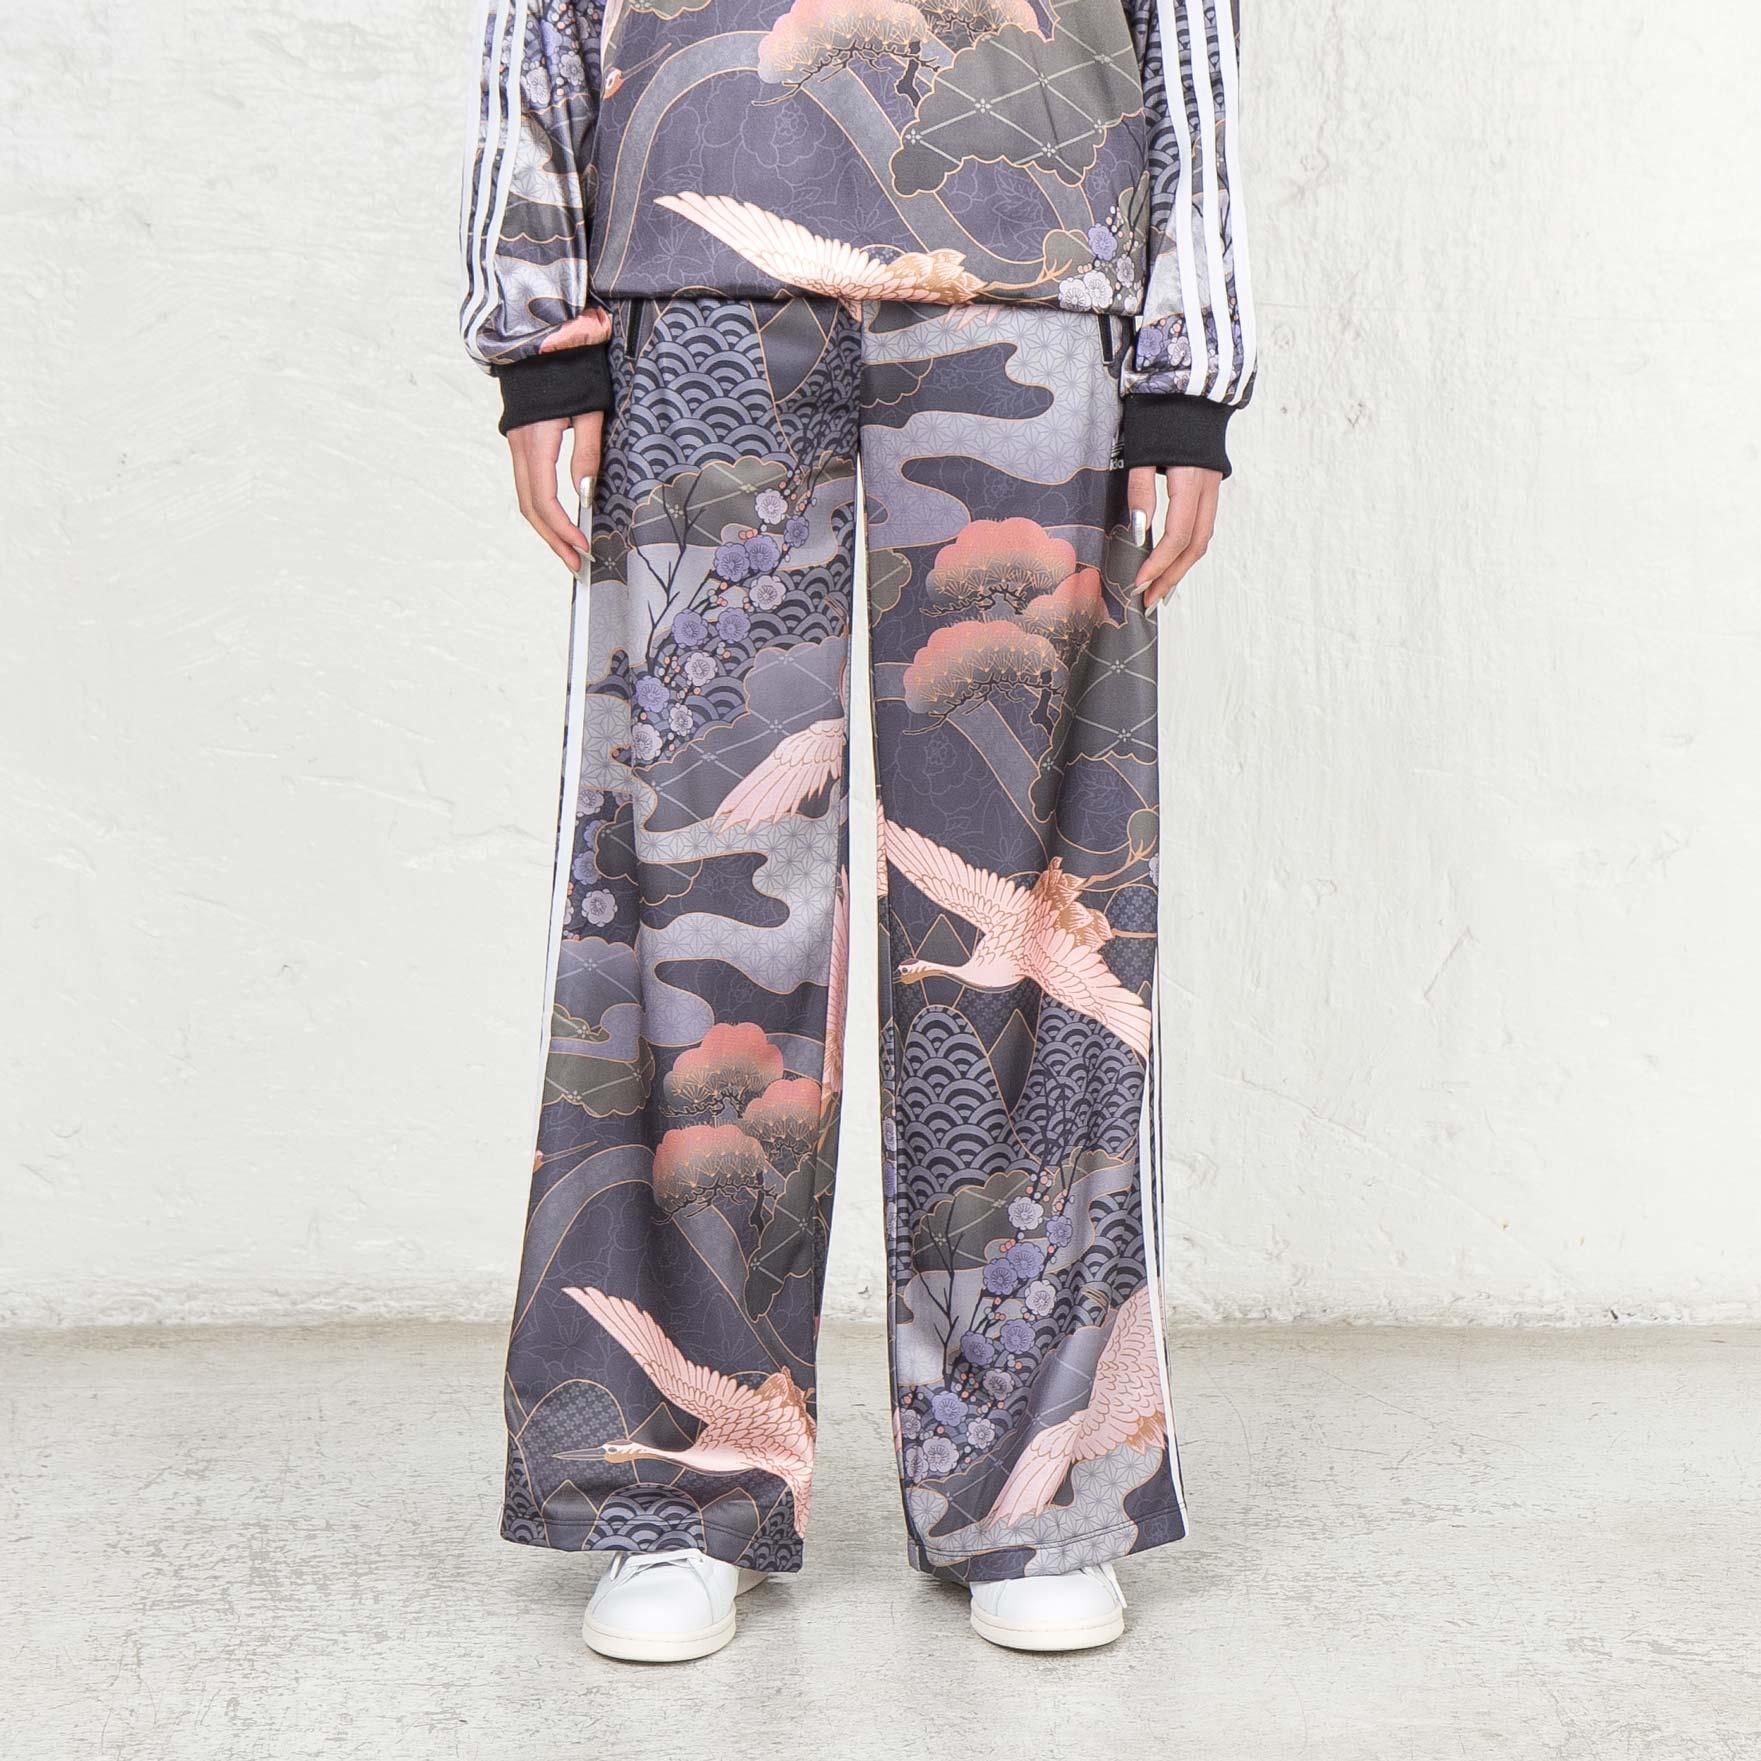 adidas Track Pants Aj7233 Sneakersnstuff | sneakers